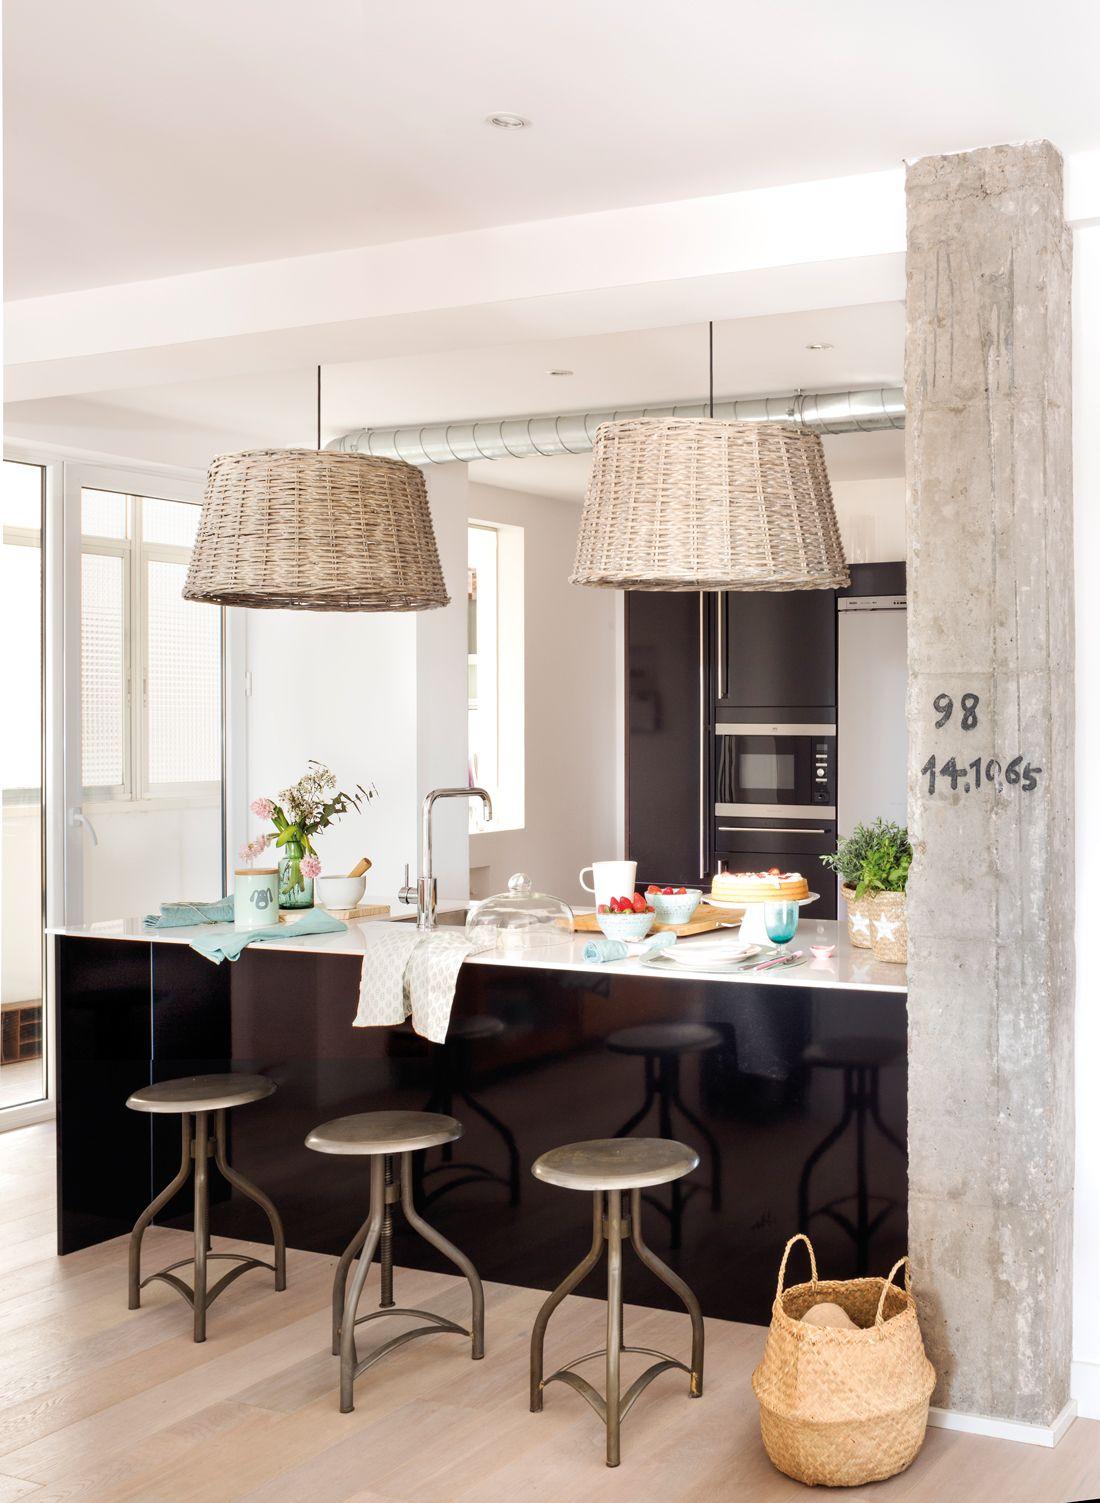 Cocinas: muebles, decoración, diseño, blancas o pequeñas - ElMueble ...